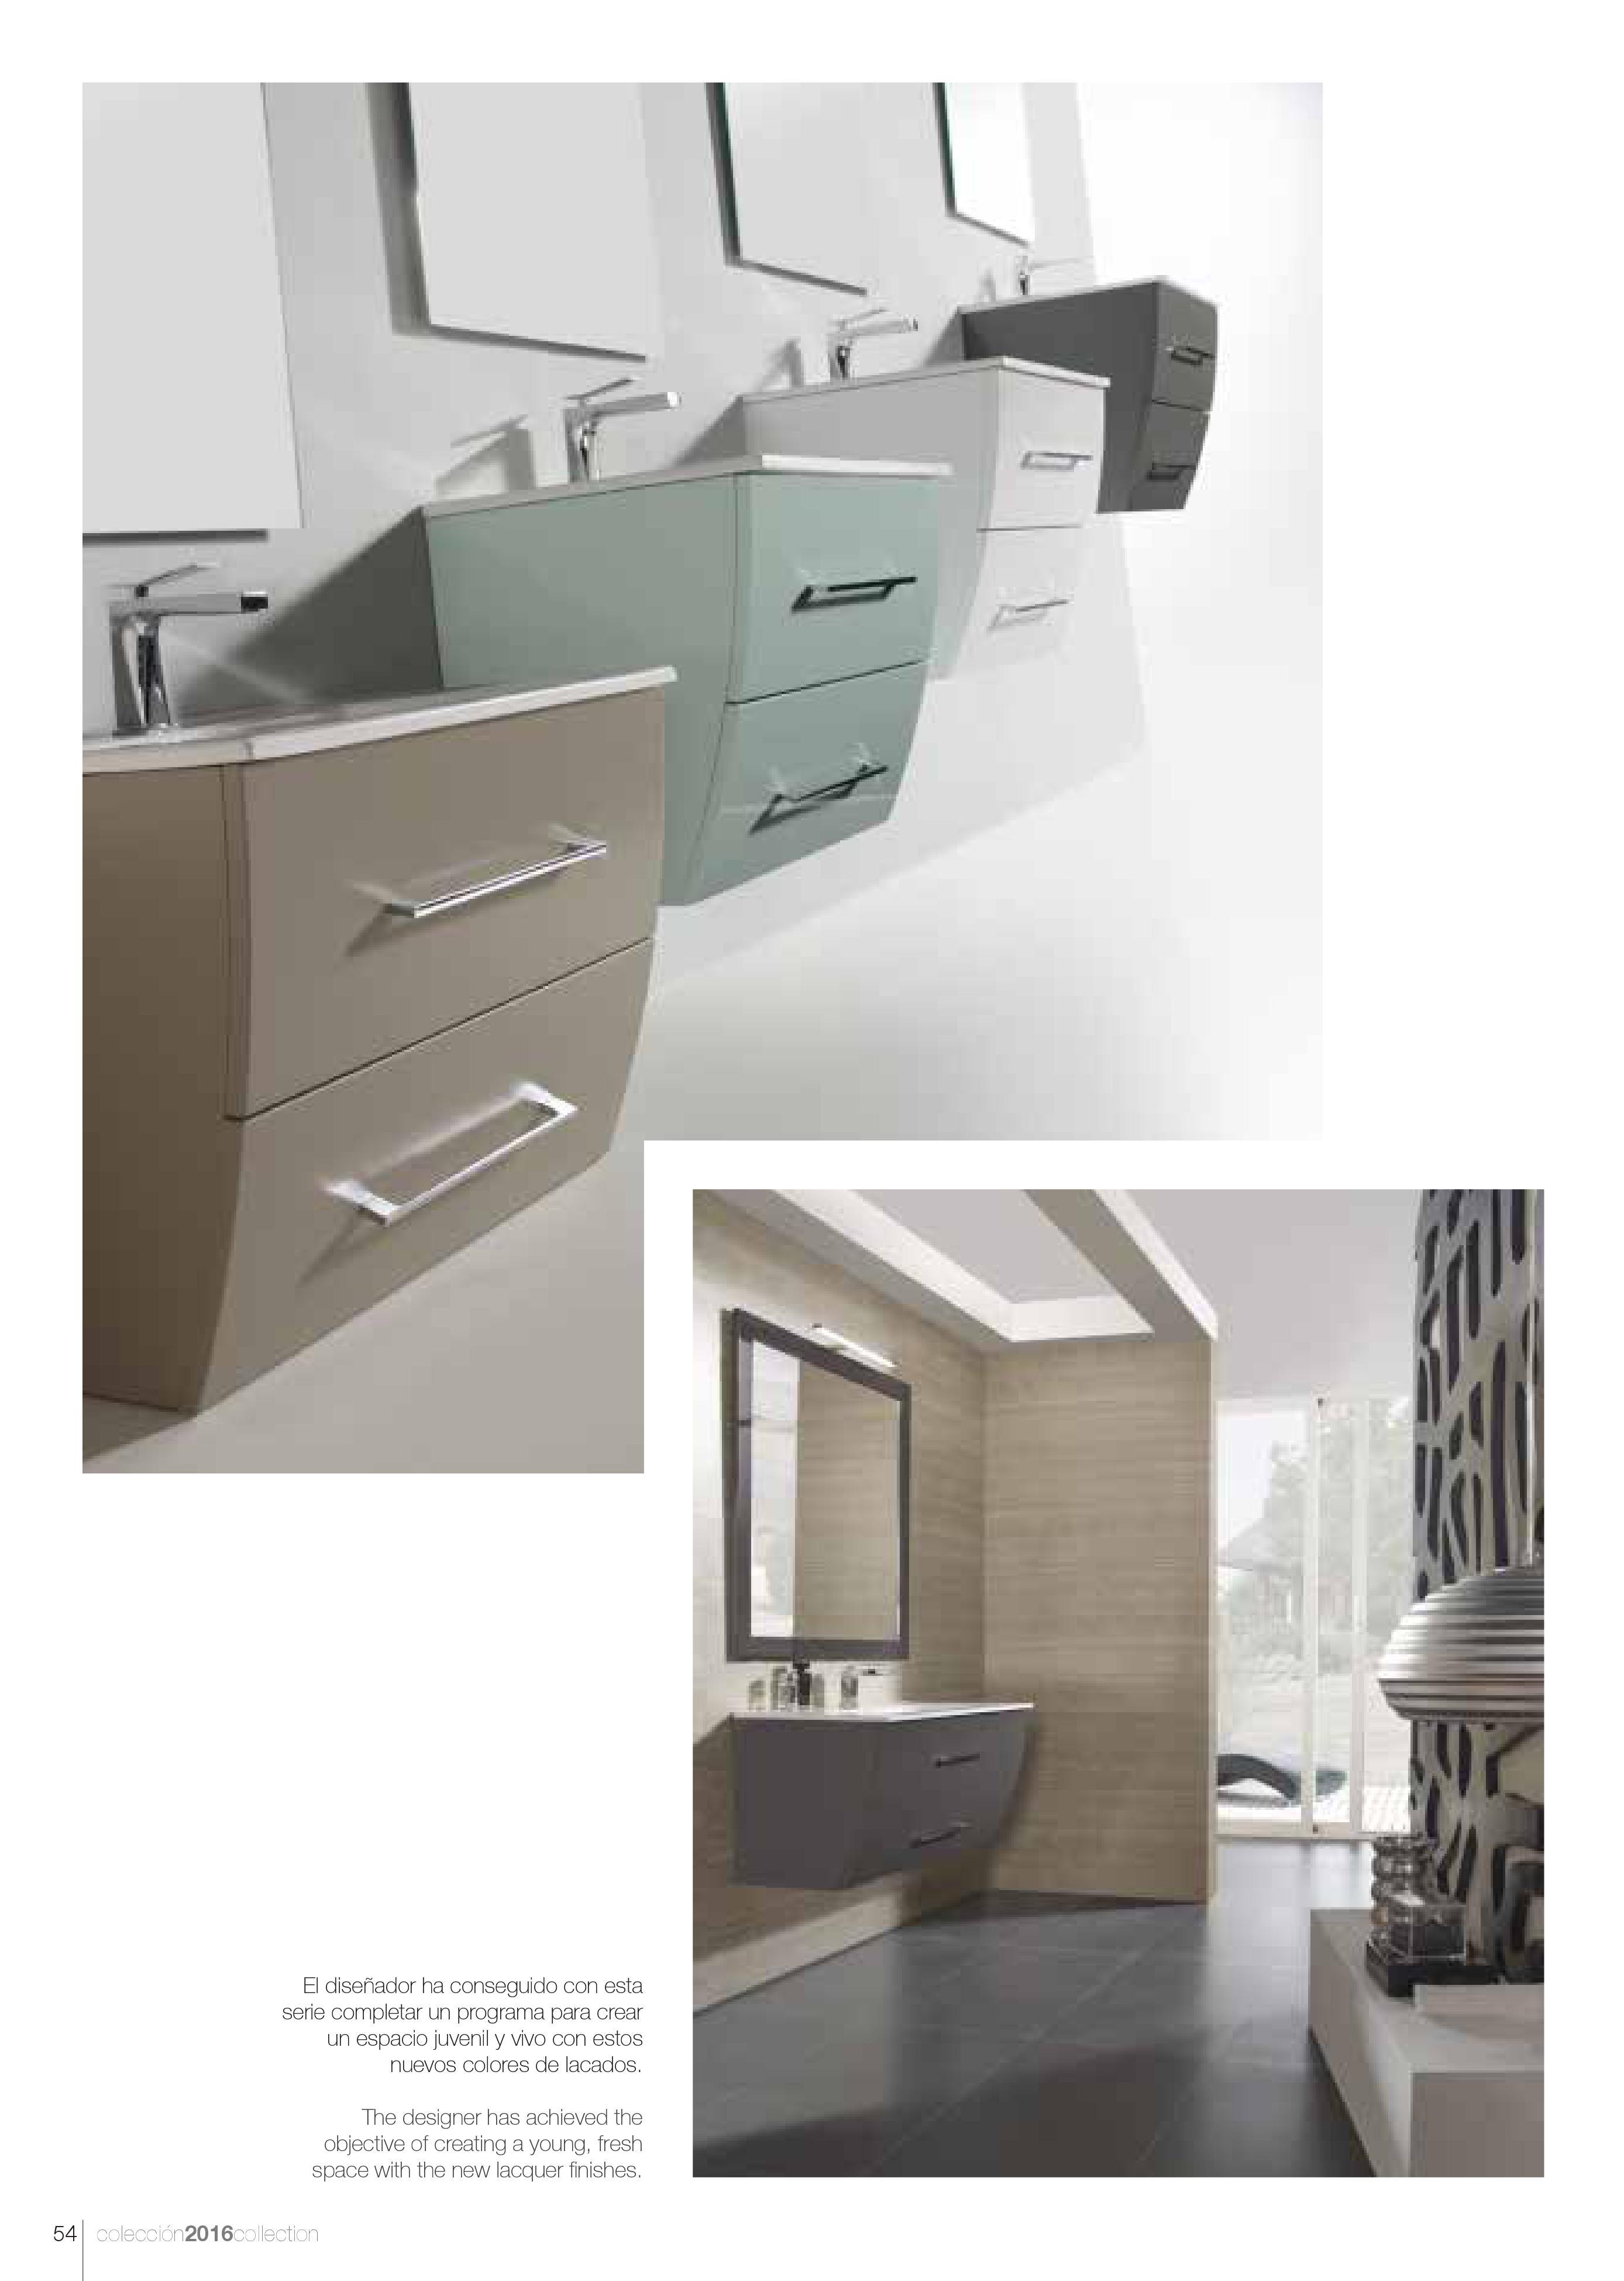 Muebles Baño Ordoñez | Muebles De Bano Ordonez Brands Azulejos Y Pavimentos Martin